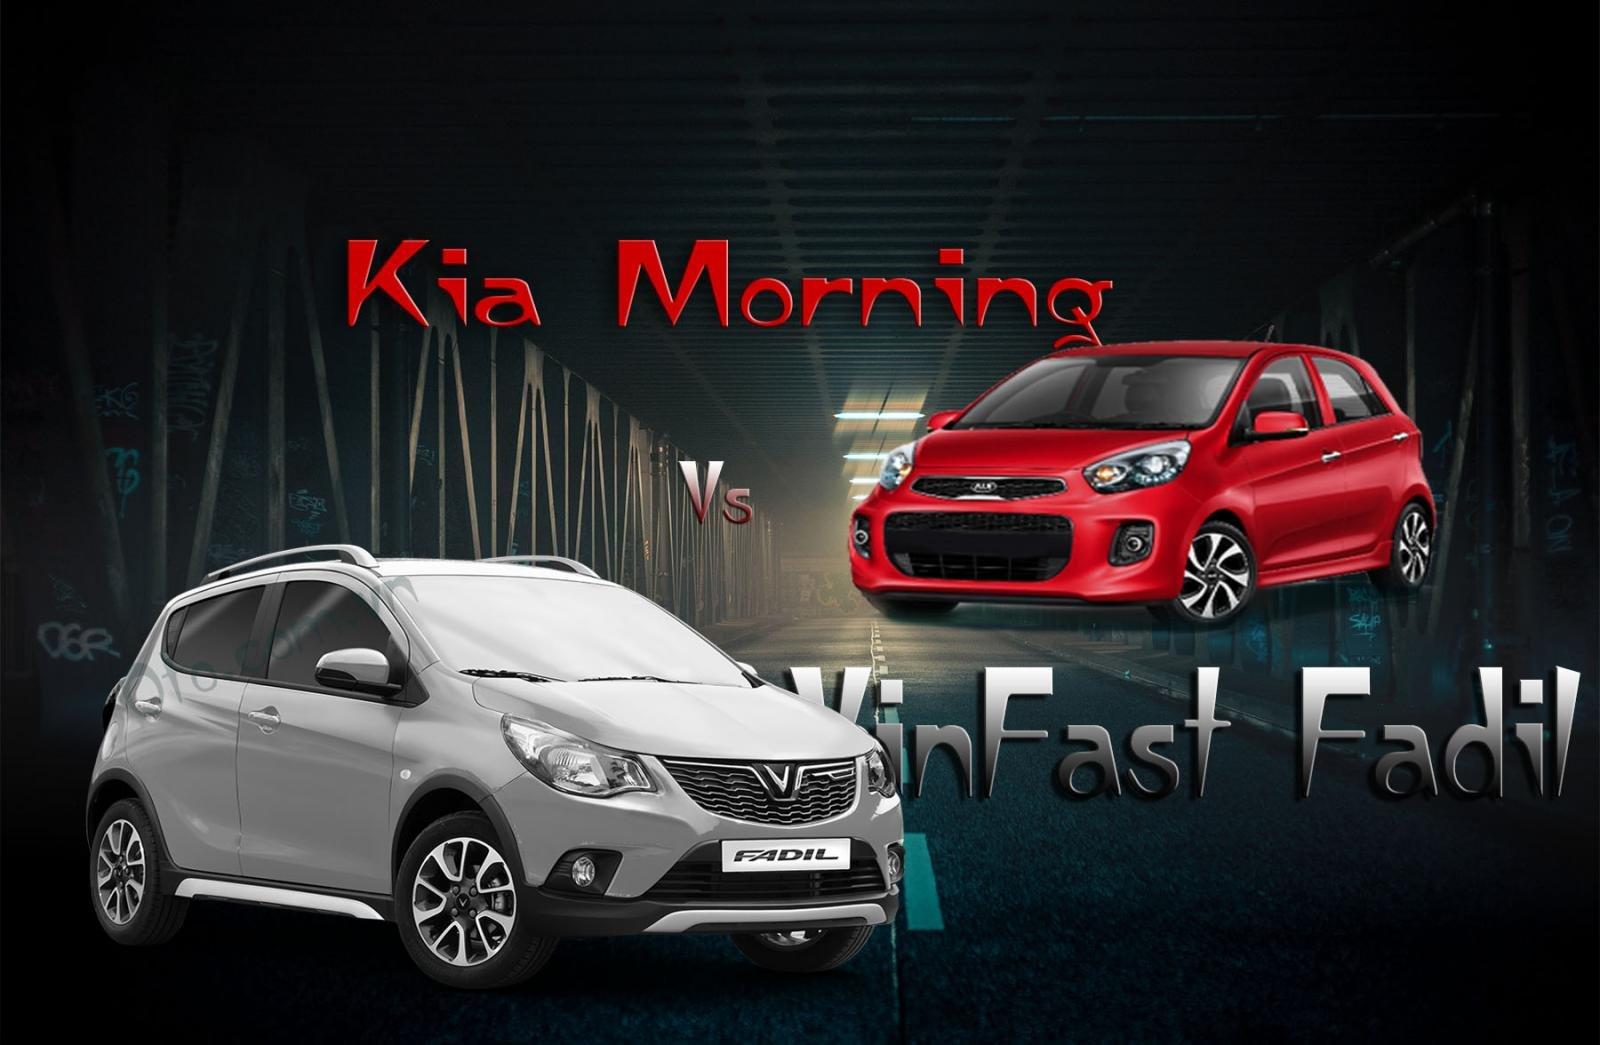 So sánh xe VinFast Fadil 2020 và Kia Morning 2020: Chọn an toàn, mạnh mẽ hay tiện nghi, thời trang?